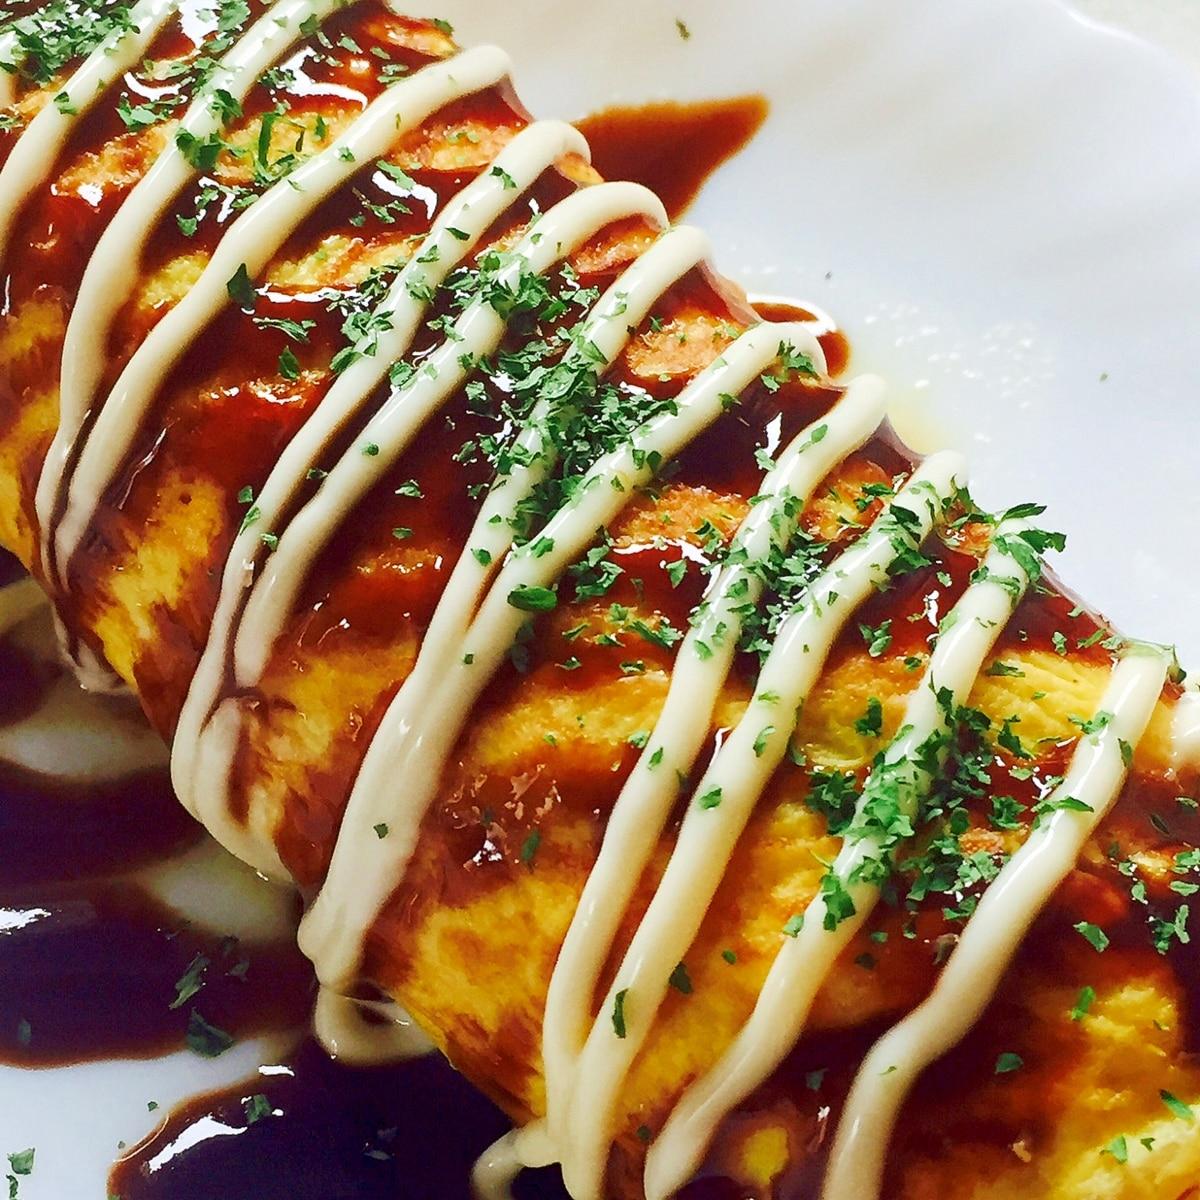 と ん ぺい 焼き レシピ モヤシのとんぺい焼き レシピ・作り方 ...